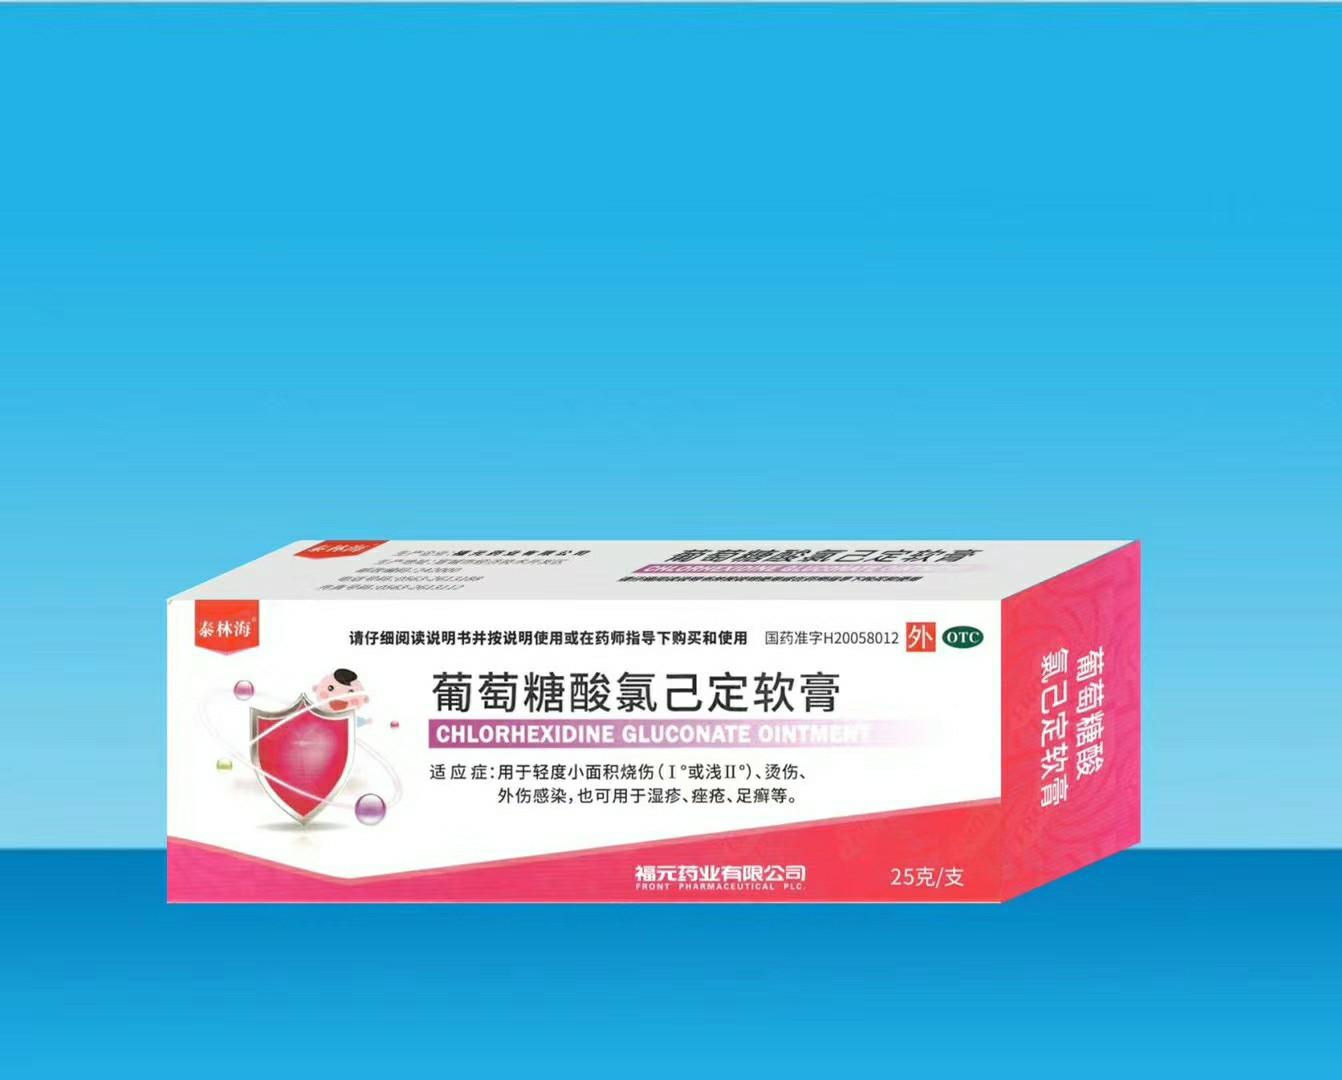 葡萄糖酸氯己定软膏